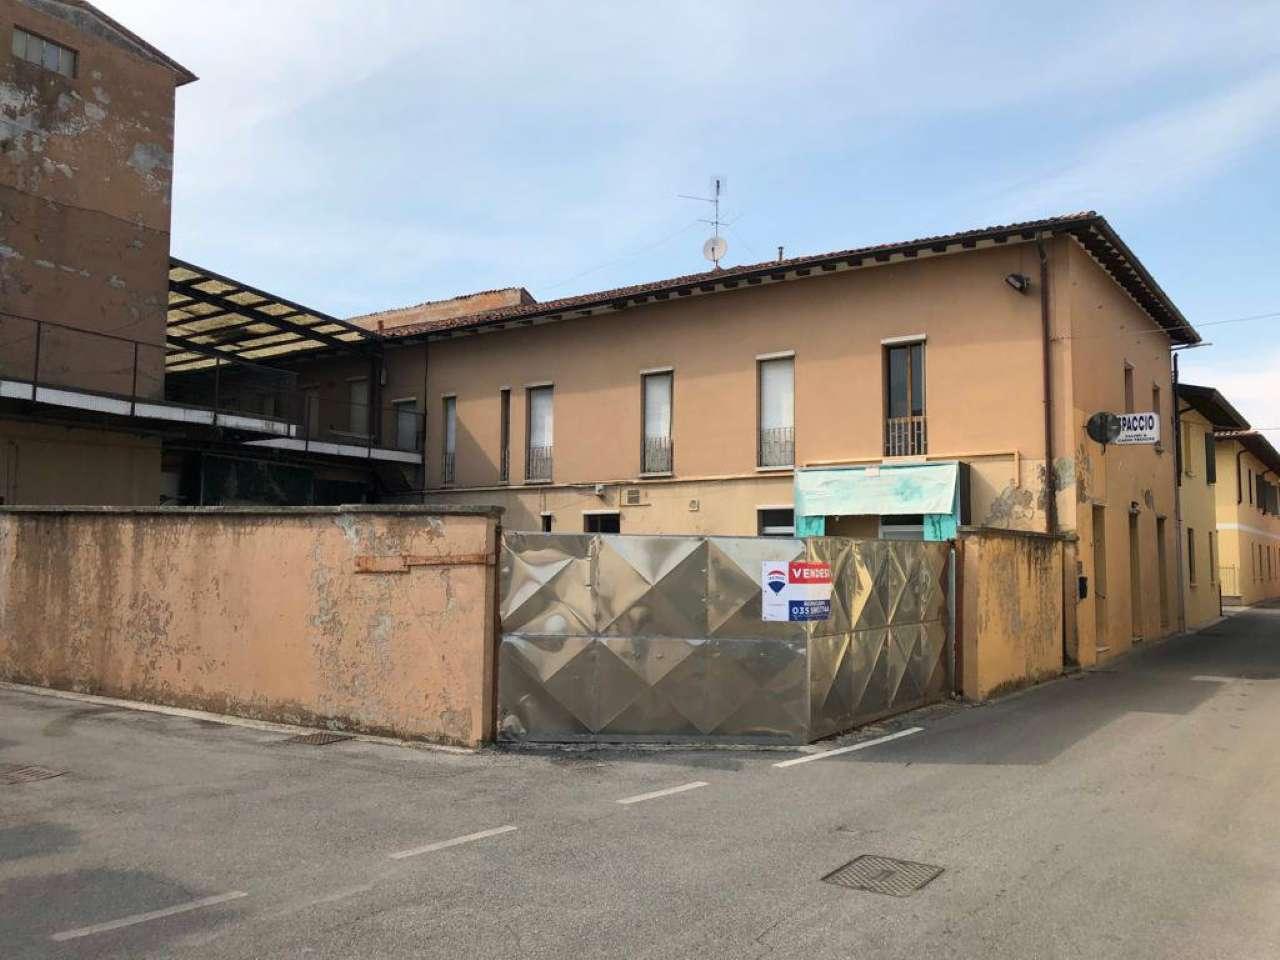 Palazzo / Stabile in vendita a Quinzano d'Oglio, 1 locali, prezzo € 190.000 | PortaleAgenzieImmobiliari.it